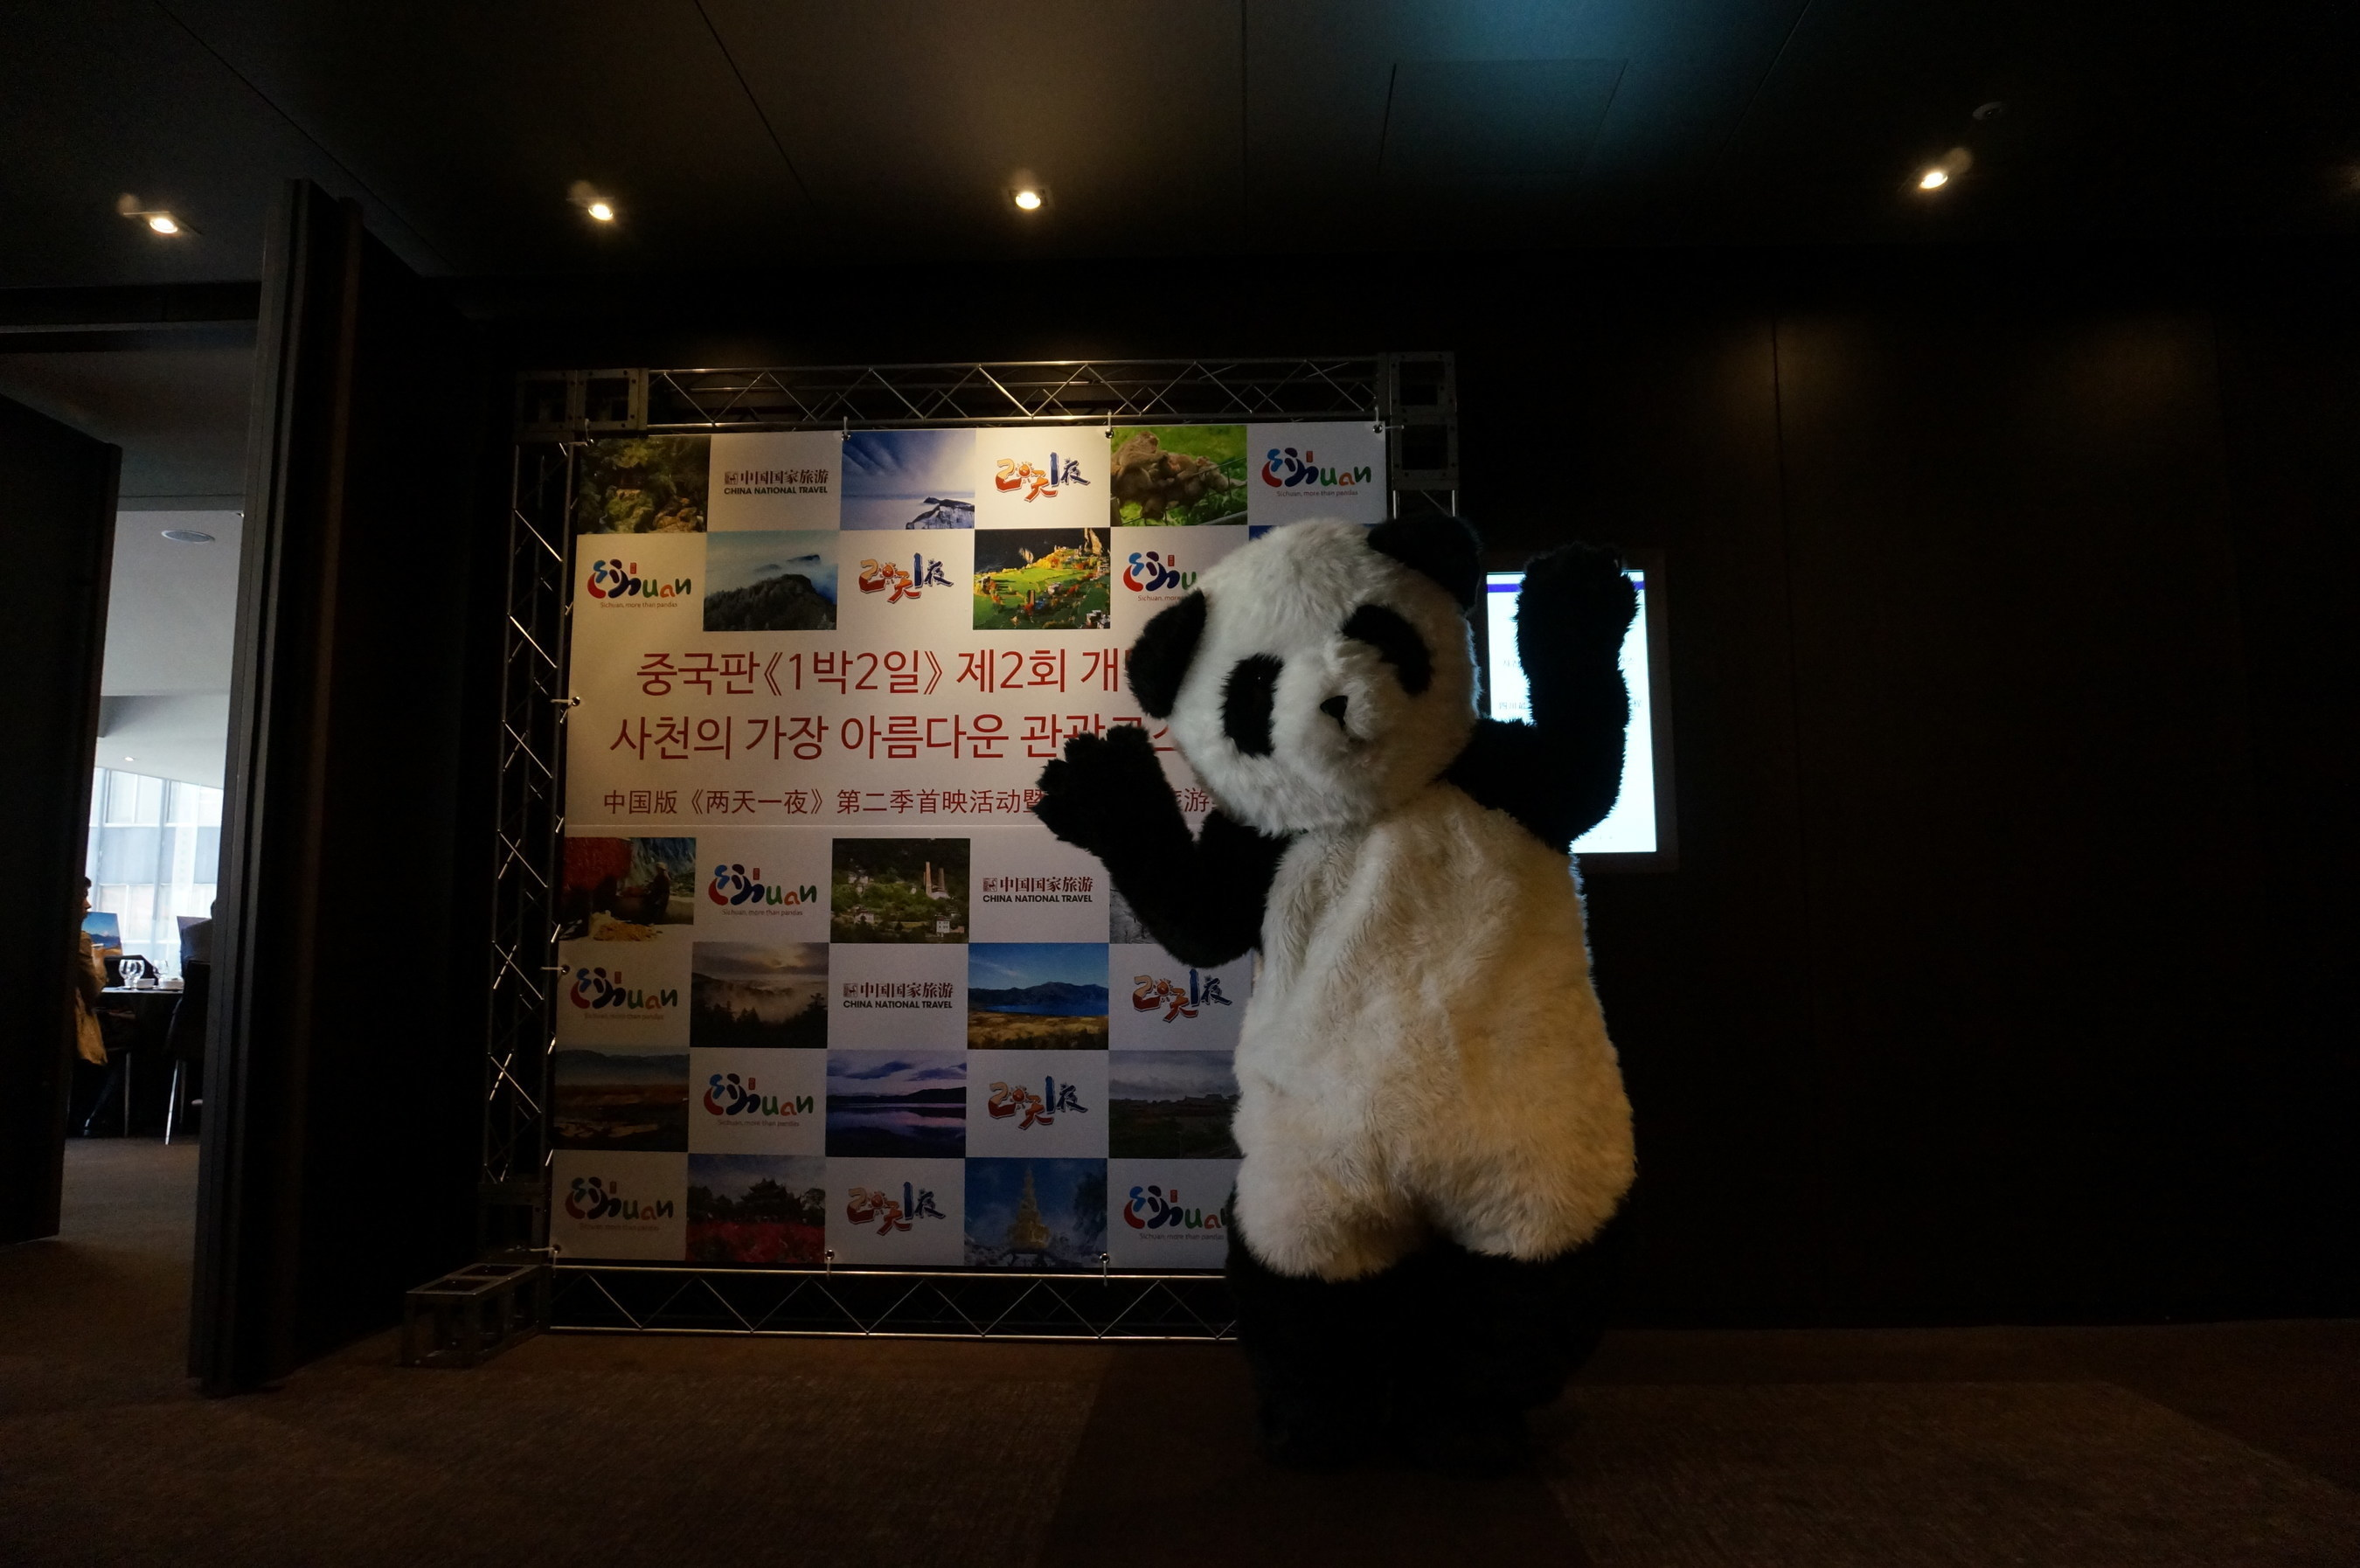 Корейская премьера второго сезона «1 ночь и 2 дня» (в китайской версии)